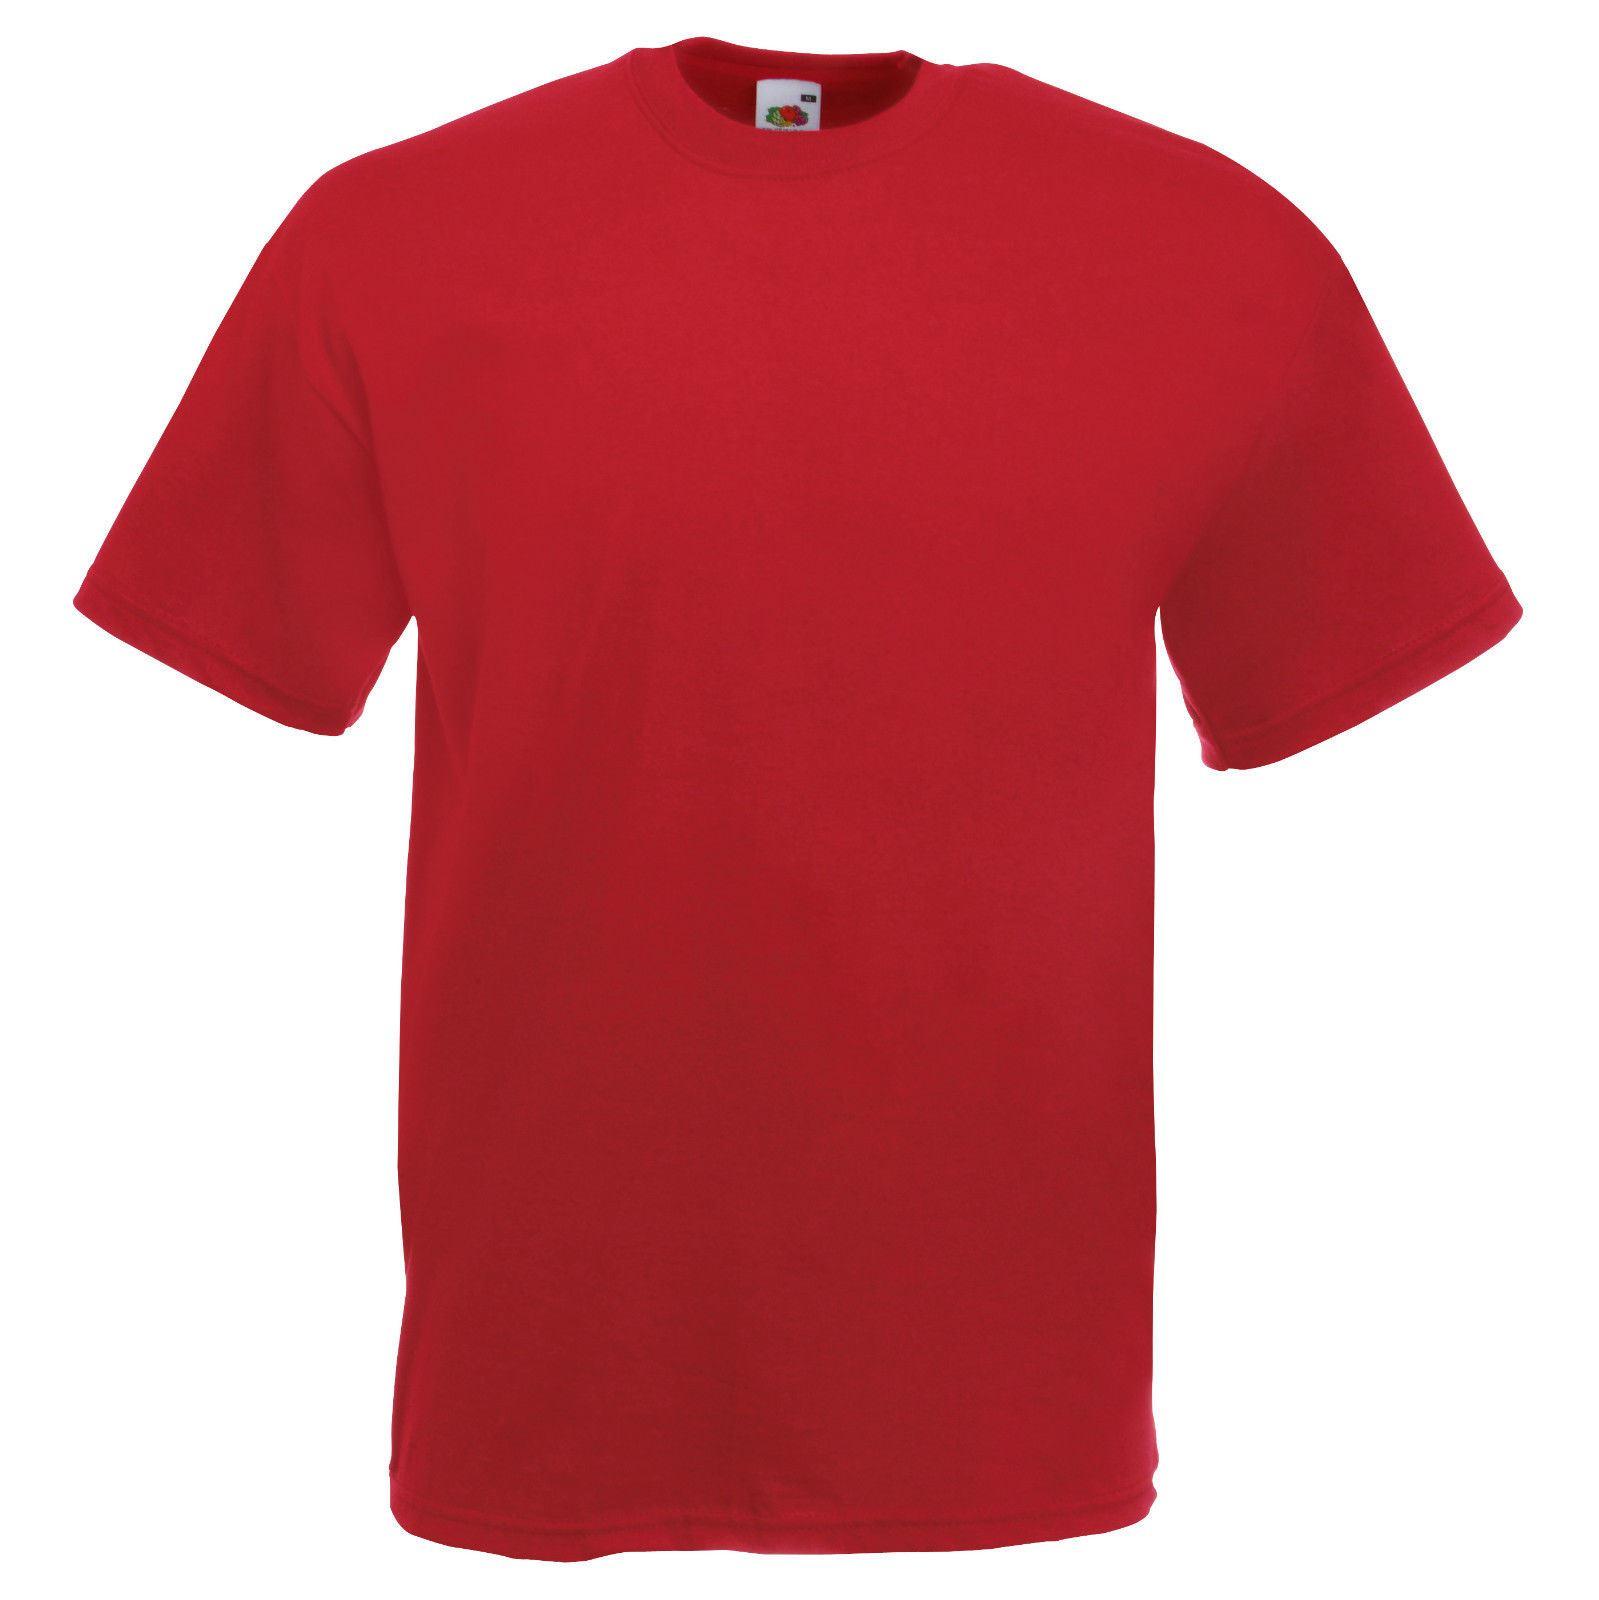 Red-Fruit-of-the-Loom-Para-Hombre-Suave-Hilado-Camiseta-Llano